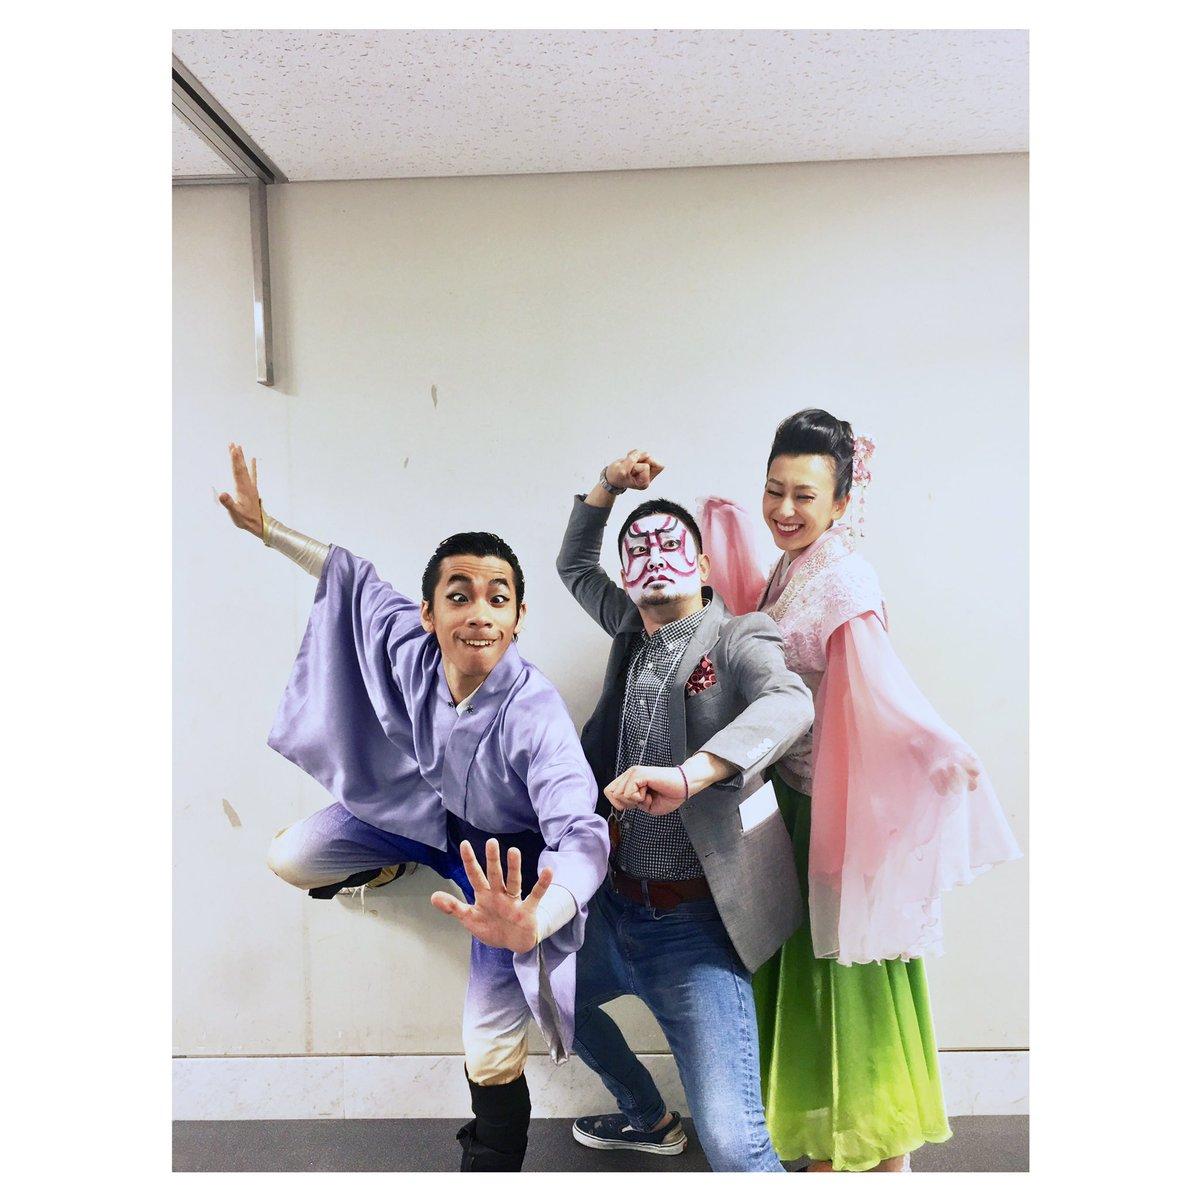 氷艶2017二日目無事終了。浅田舞さんが織田信成さんと宮本賢二さんとの迫力ある3ショット写真を公開。